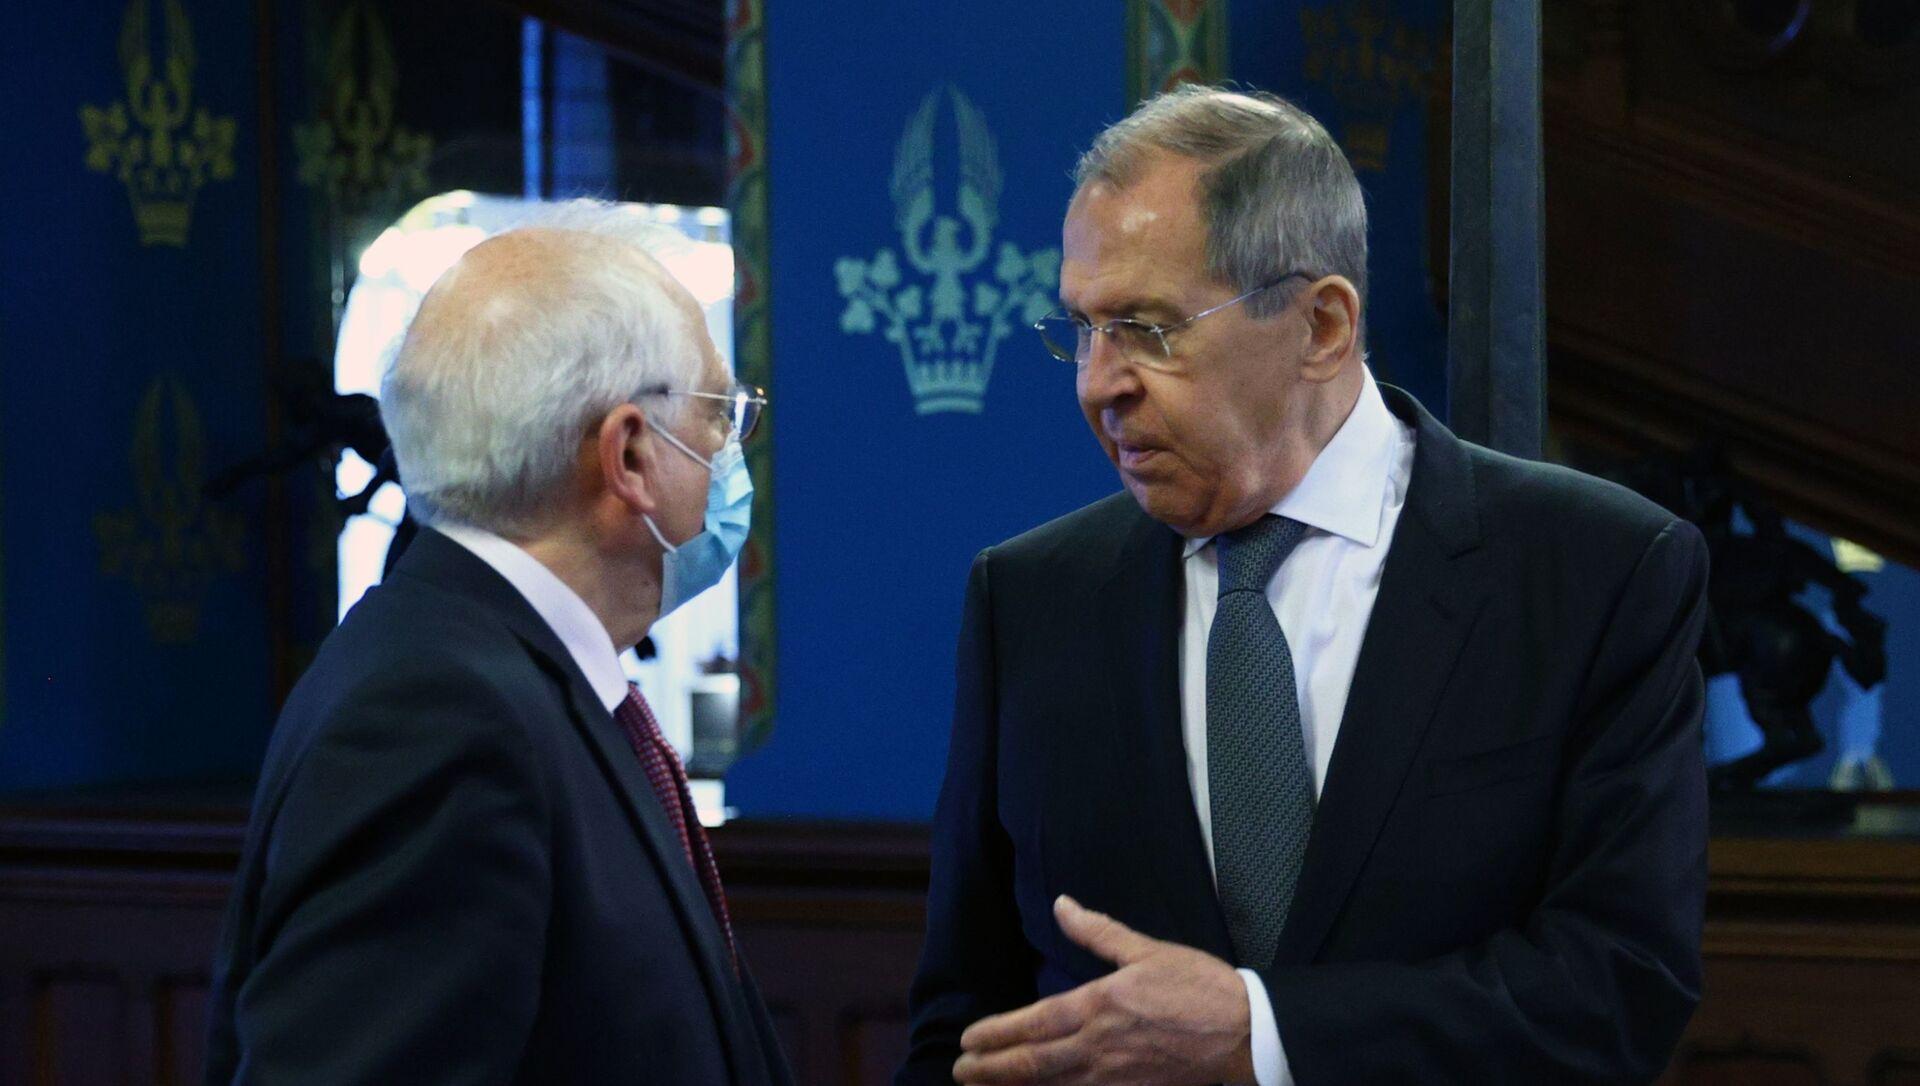 Встреча главы МИД РФ С. Лаврова и верховного представителя ЕС Ж. Борреля - Sputnik Таджикистан, 1920, 13.02.2021